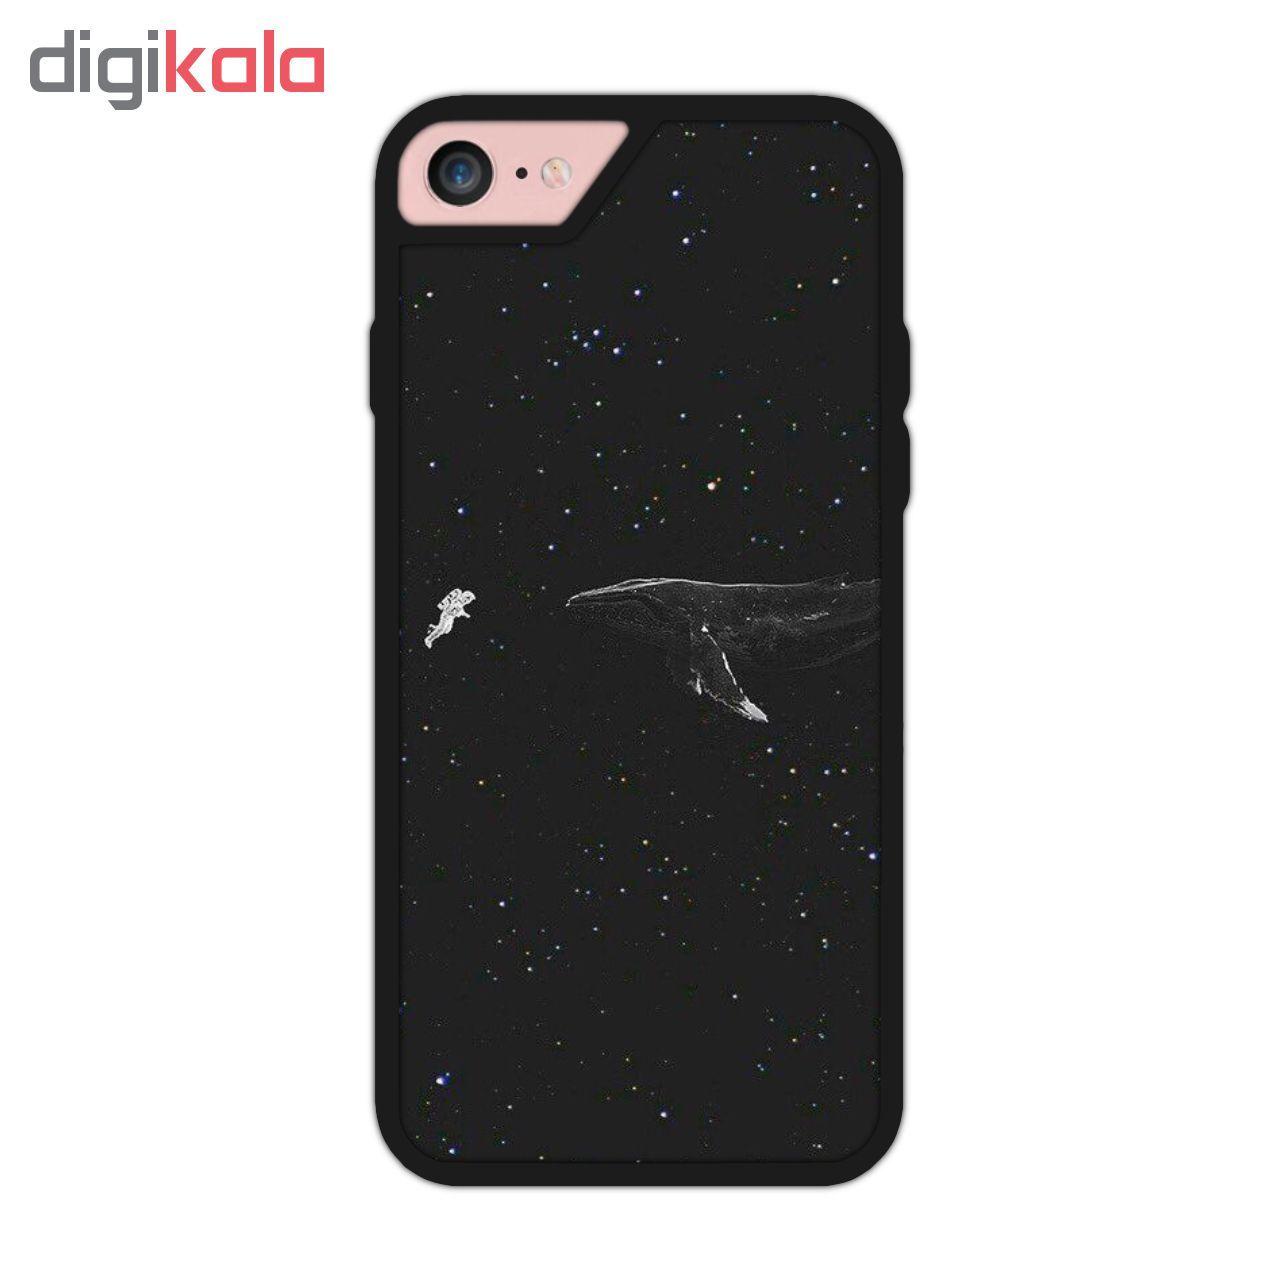 کاور آکام مدل A71537 مناسب برای گوشی موبایل اپل iPhone 7/8 main 1 1